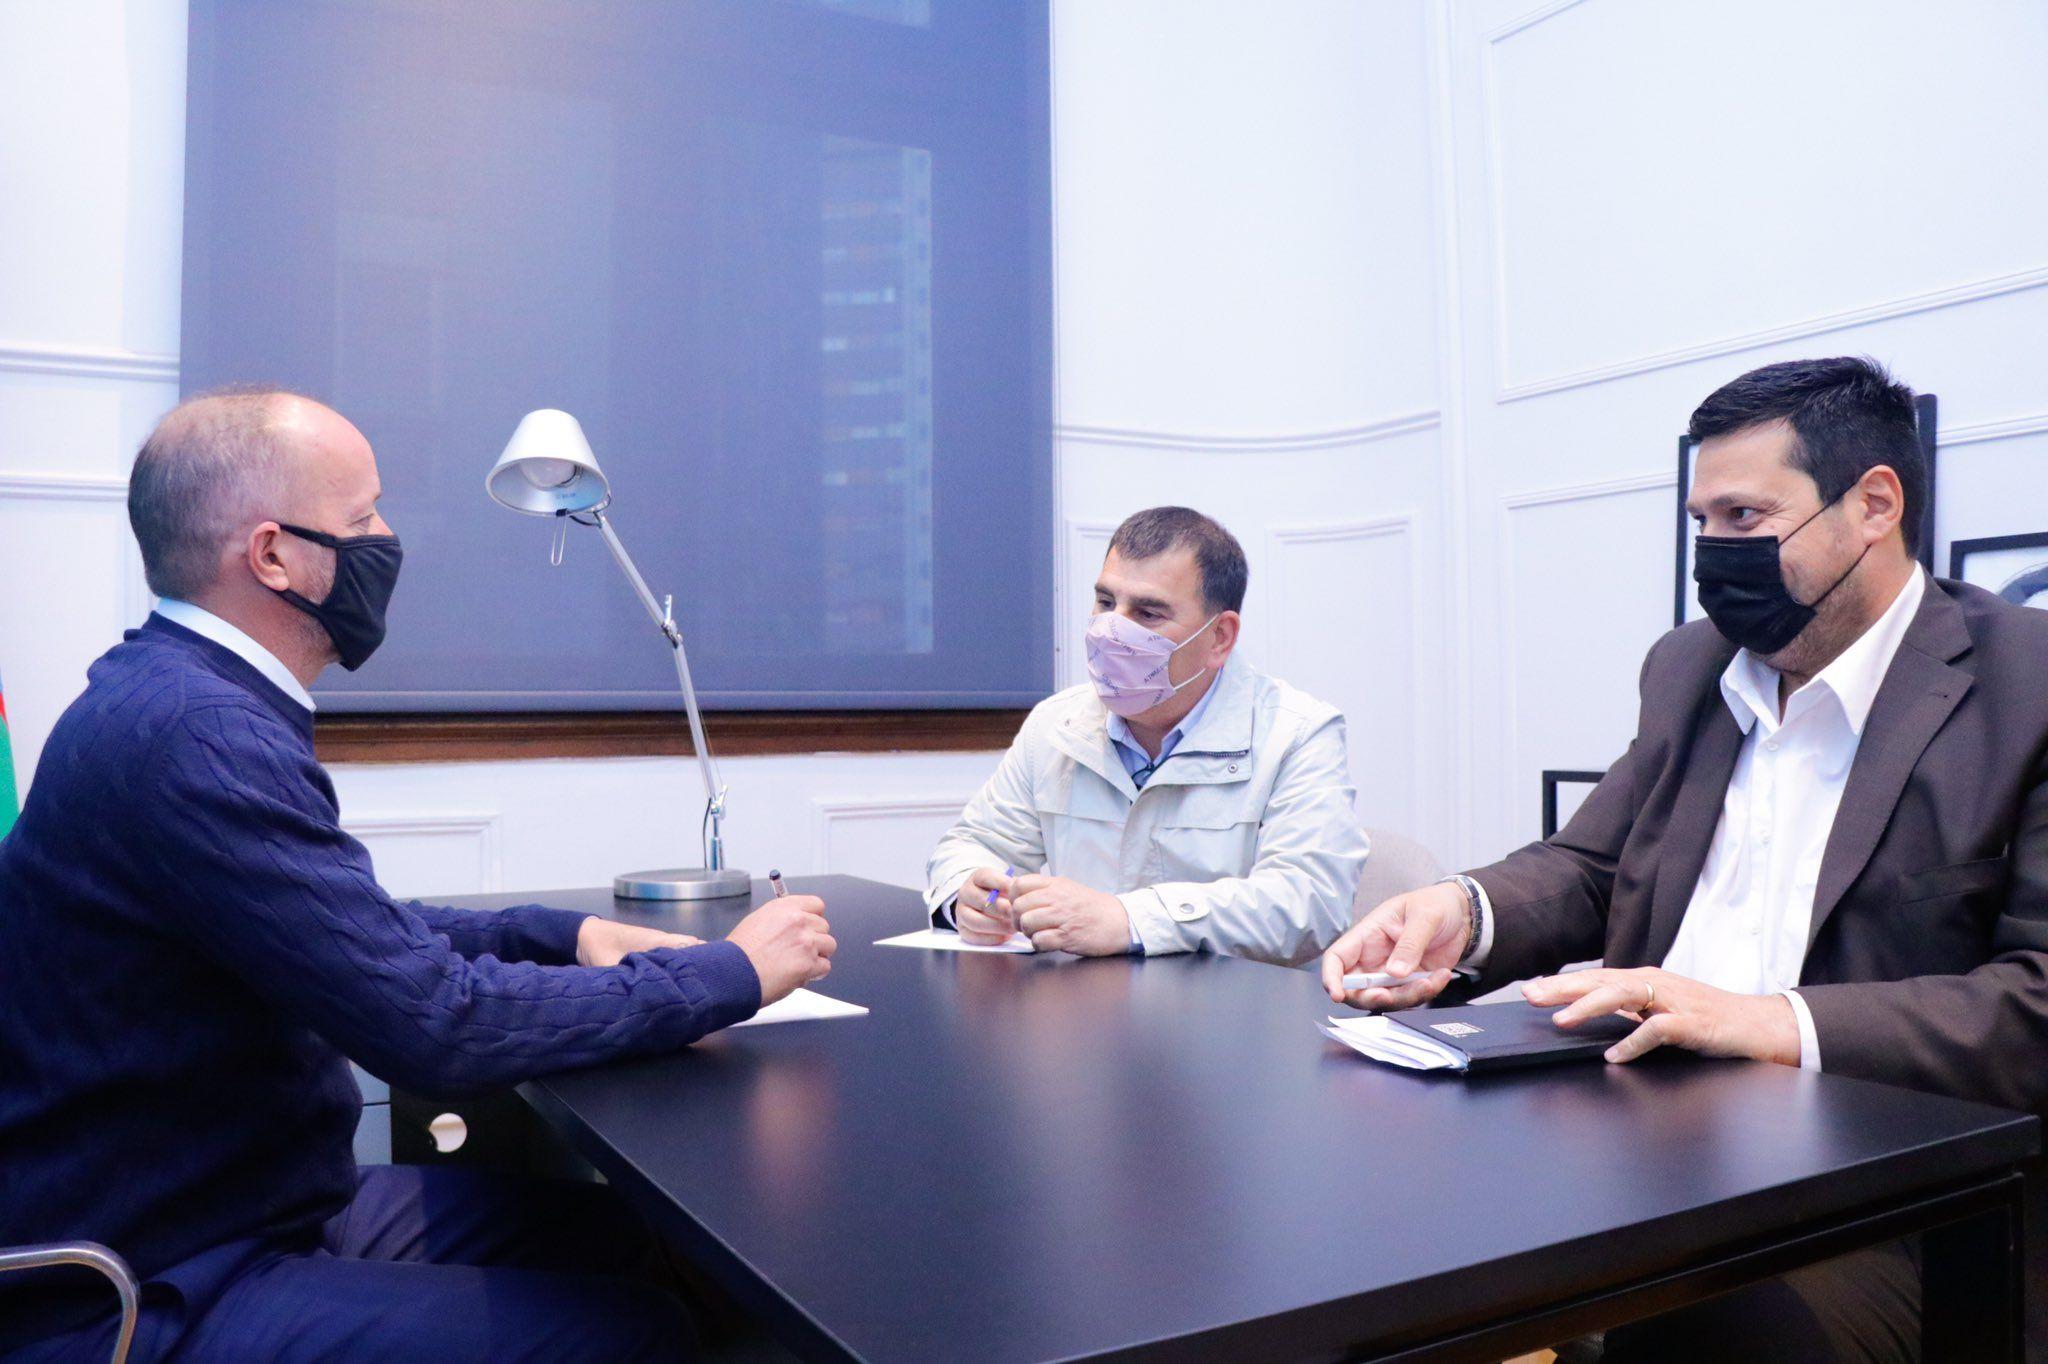 El Jefe de Gabinete bonaerense, Martín Insaurralde, se reunió con el intendente de Azul Hernán Bertellys y confirmó la asistencia para pagar sueldos a municipales.